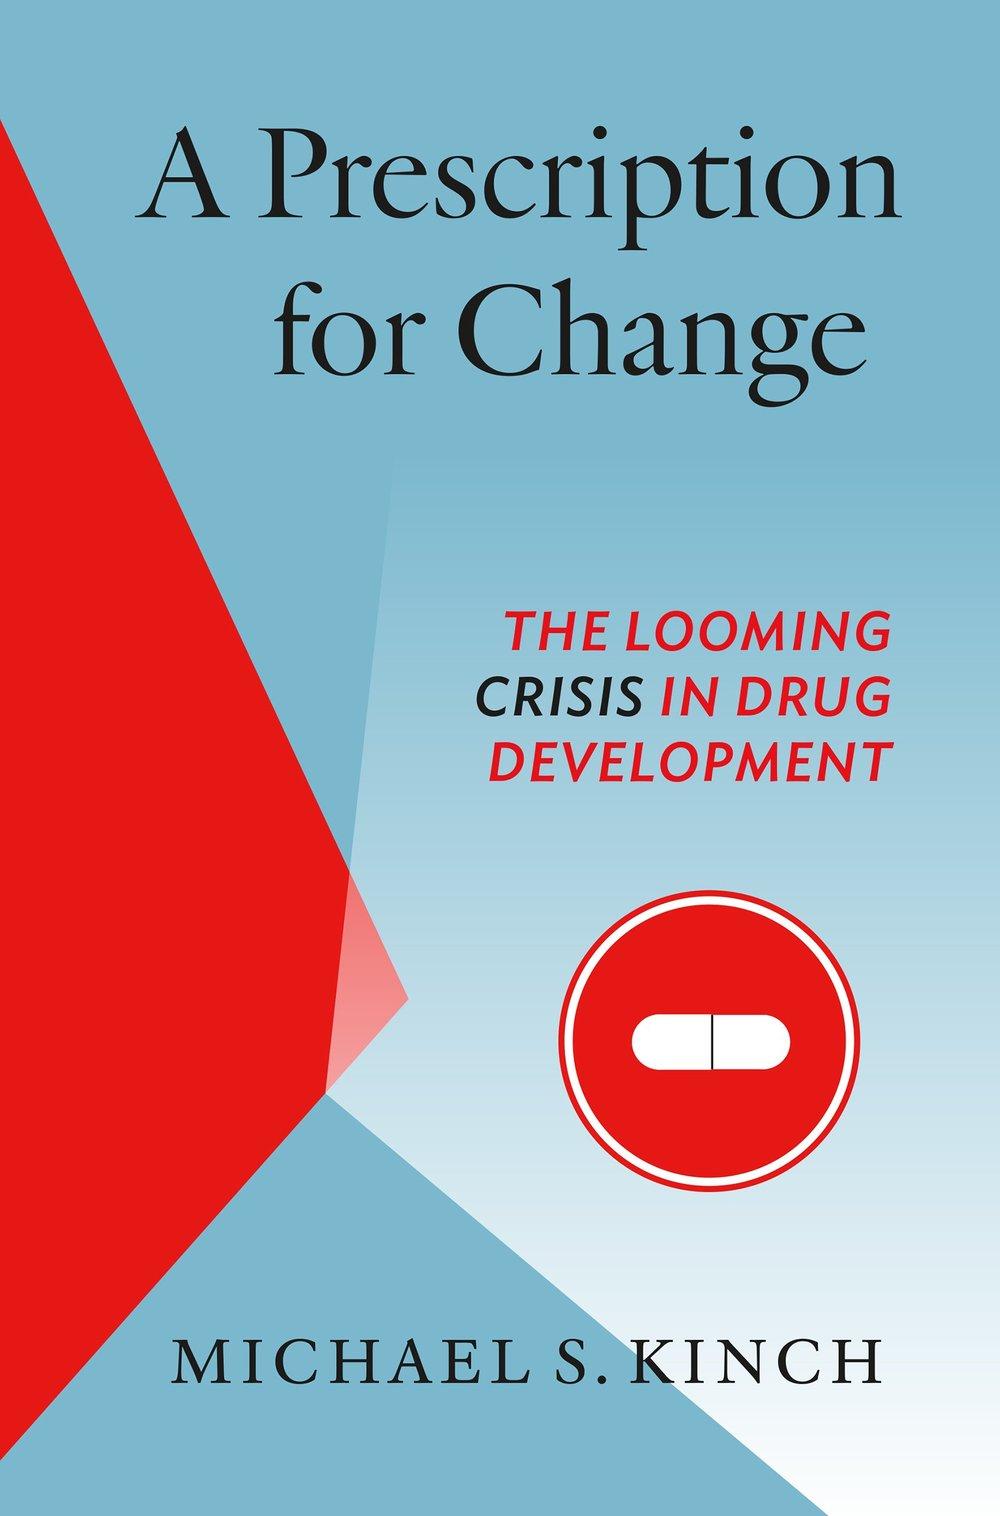 Prescription for Change.jpg